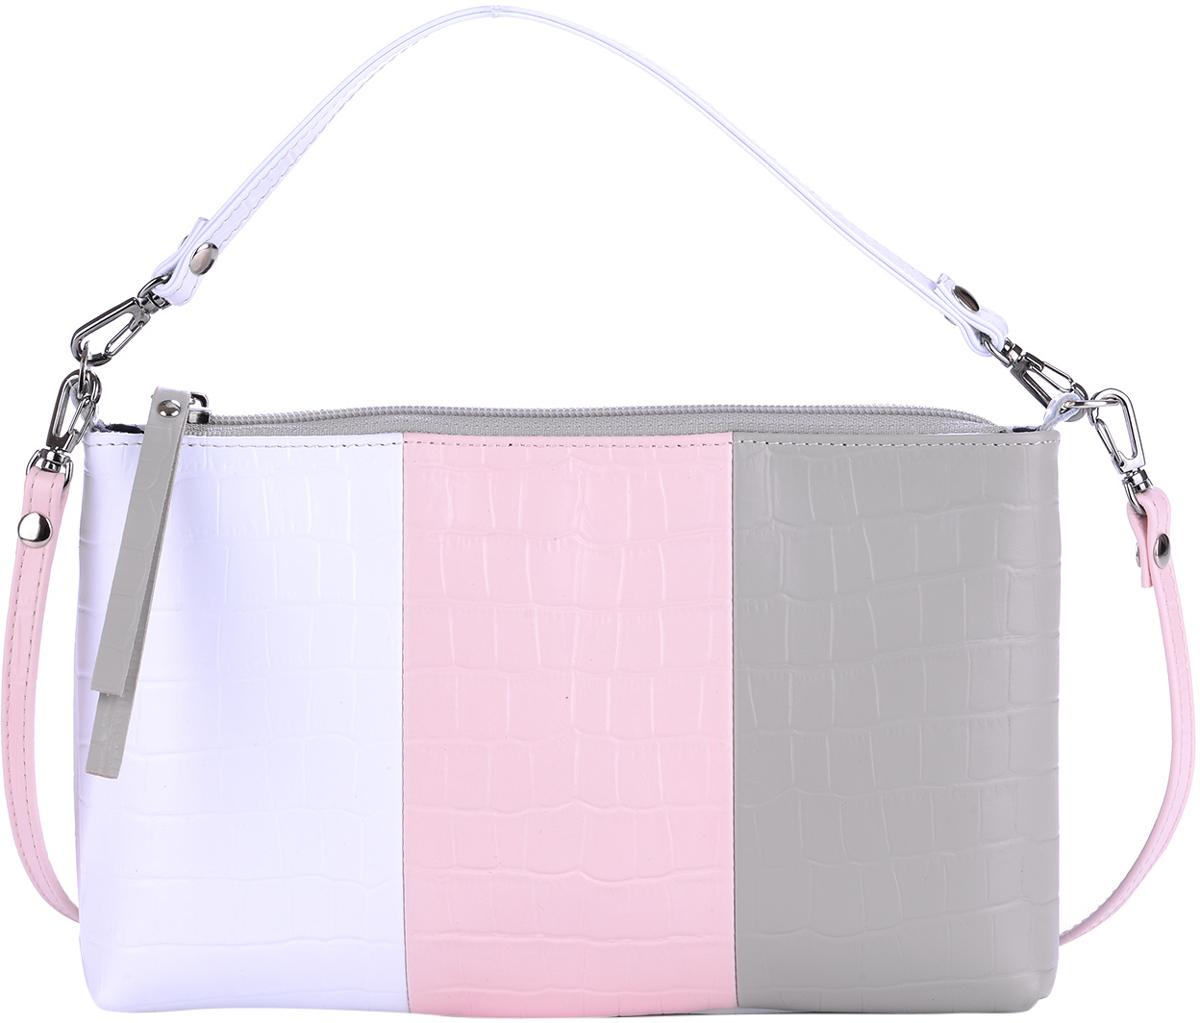 Сумка женская Esse Регина, цвет: розовый, белый, серый579995-400Элегантная женская сумка Esse Регина изготовлена из натуральной кожи и застёгивается на застёжку-молнию. Сумка состоит из одного отделения и содержит врезной карман на молнии. На задней стенке предусмотрен врезной карман на молнии. Сумка оснащена съёмной тонкой ручкой для переноски в руке и плечевым ремнем.